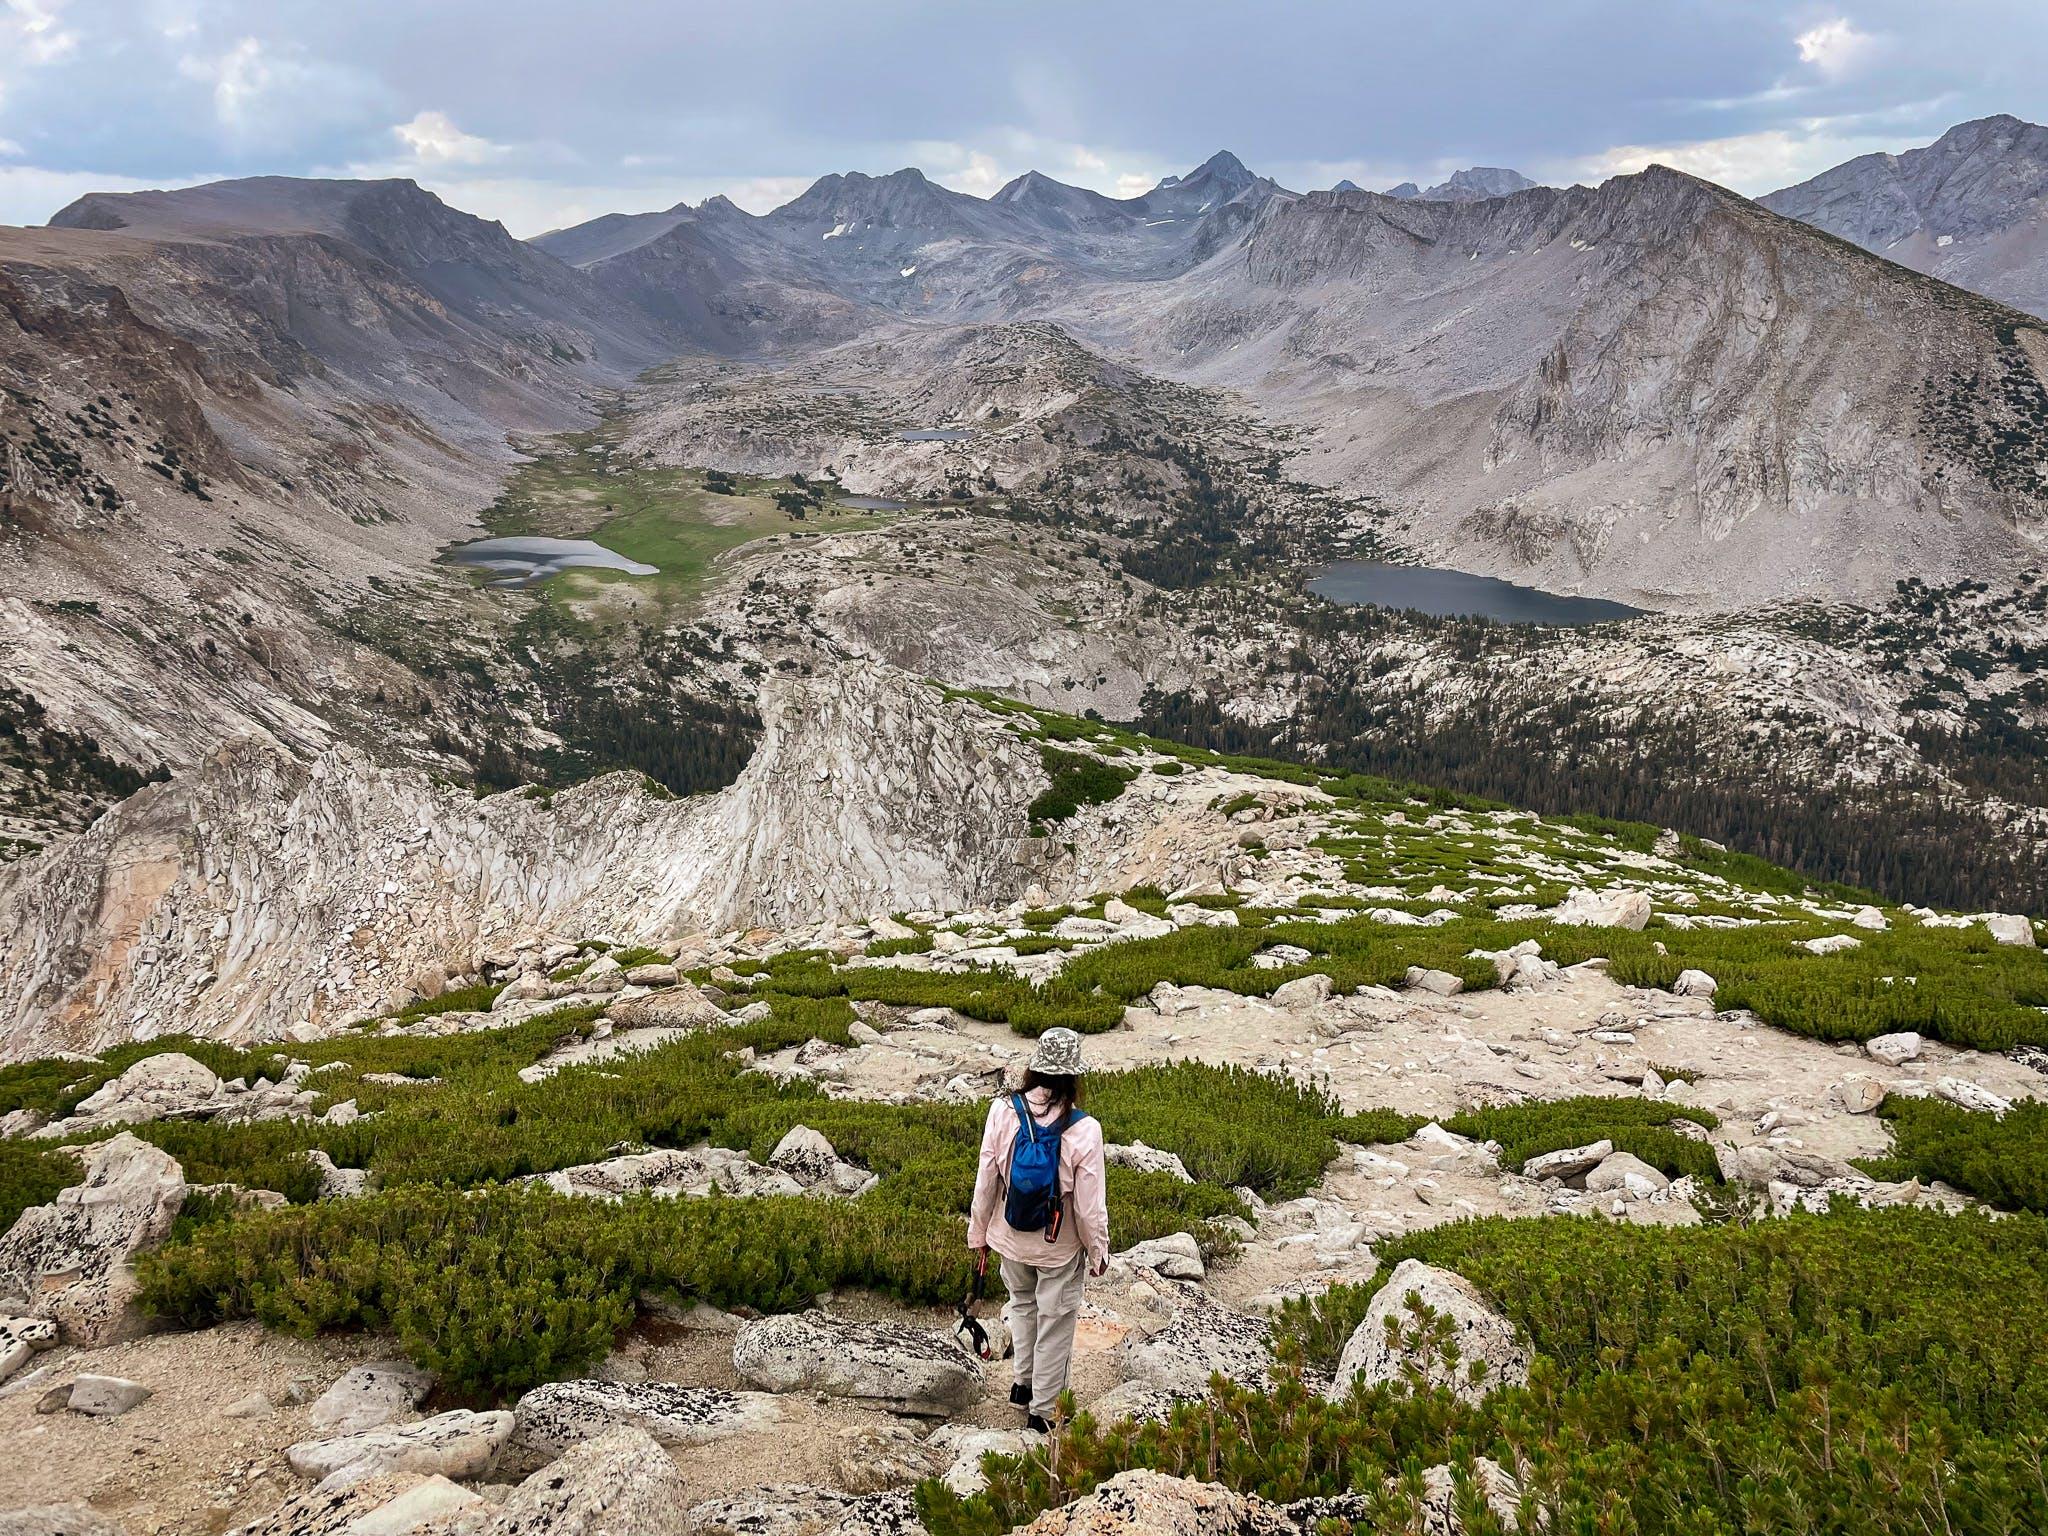 hiker on Vogelsang Peak in Yosemite